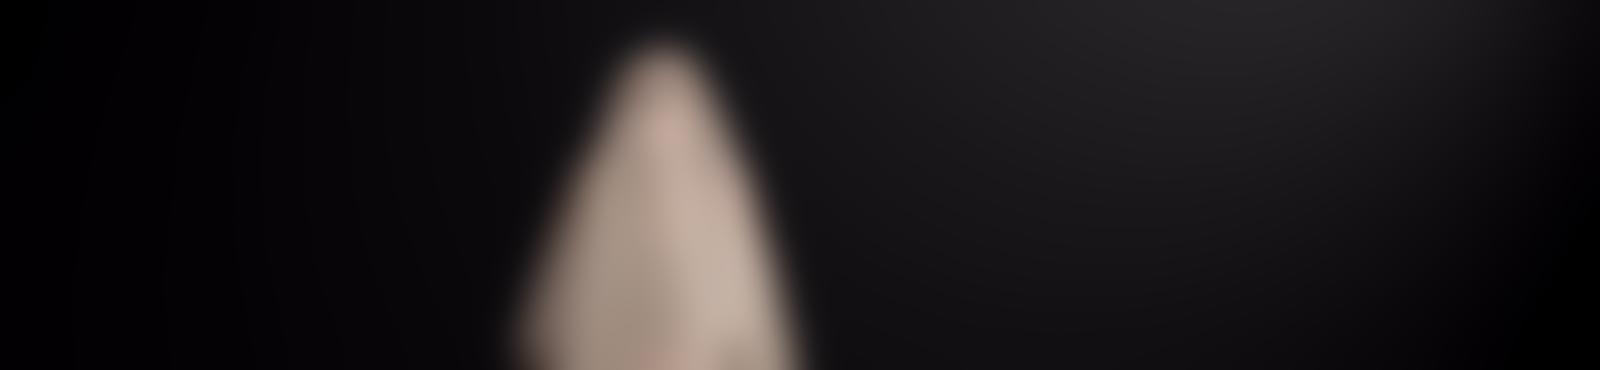 Blurred 340804de 265b 47da 869e 4d87d9f388c8